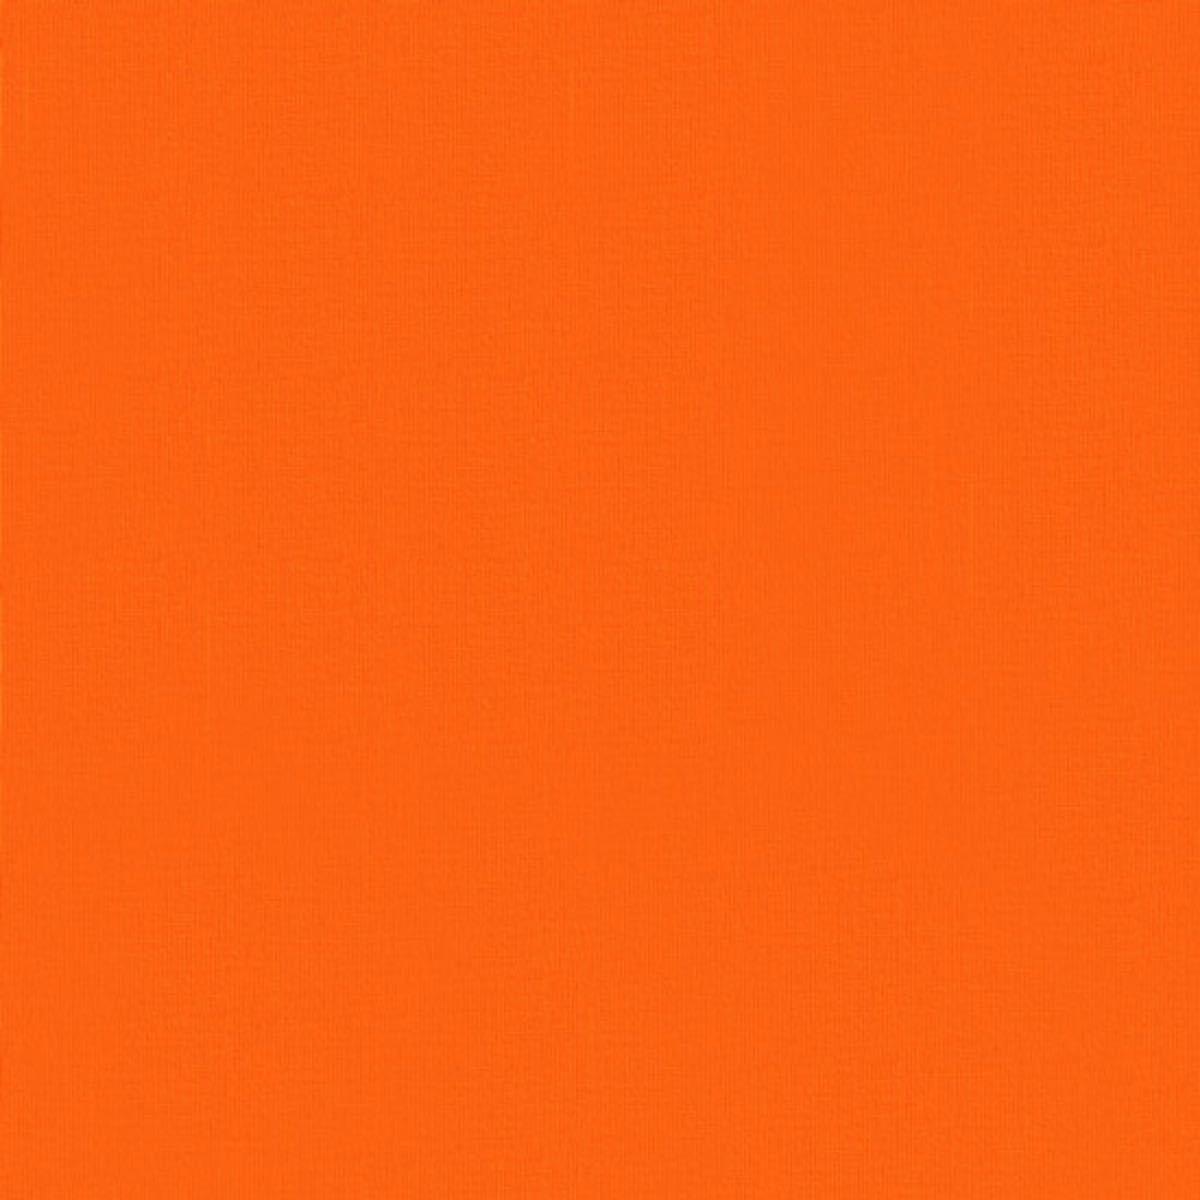 ネイルチップ フルーツネイル ・水滴ネイル ライム【10本・1回分接着テープ付】